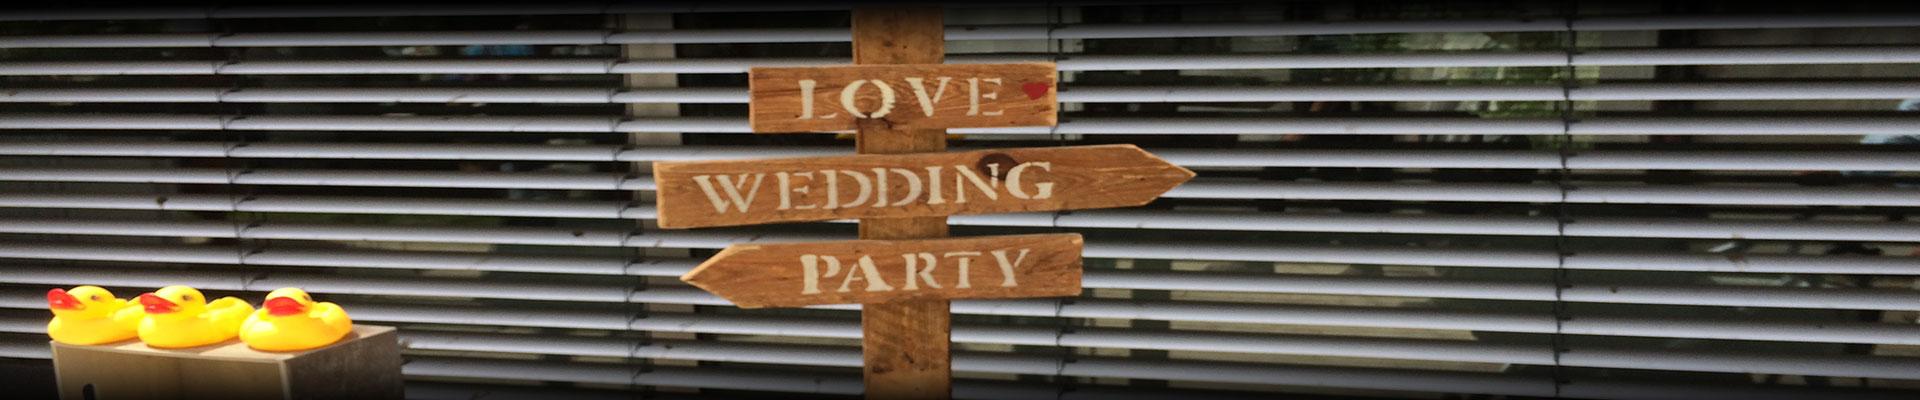 קייטרינג לחתונה | קייטרינג לחתונות